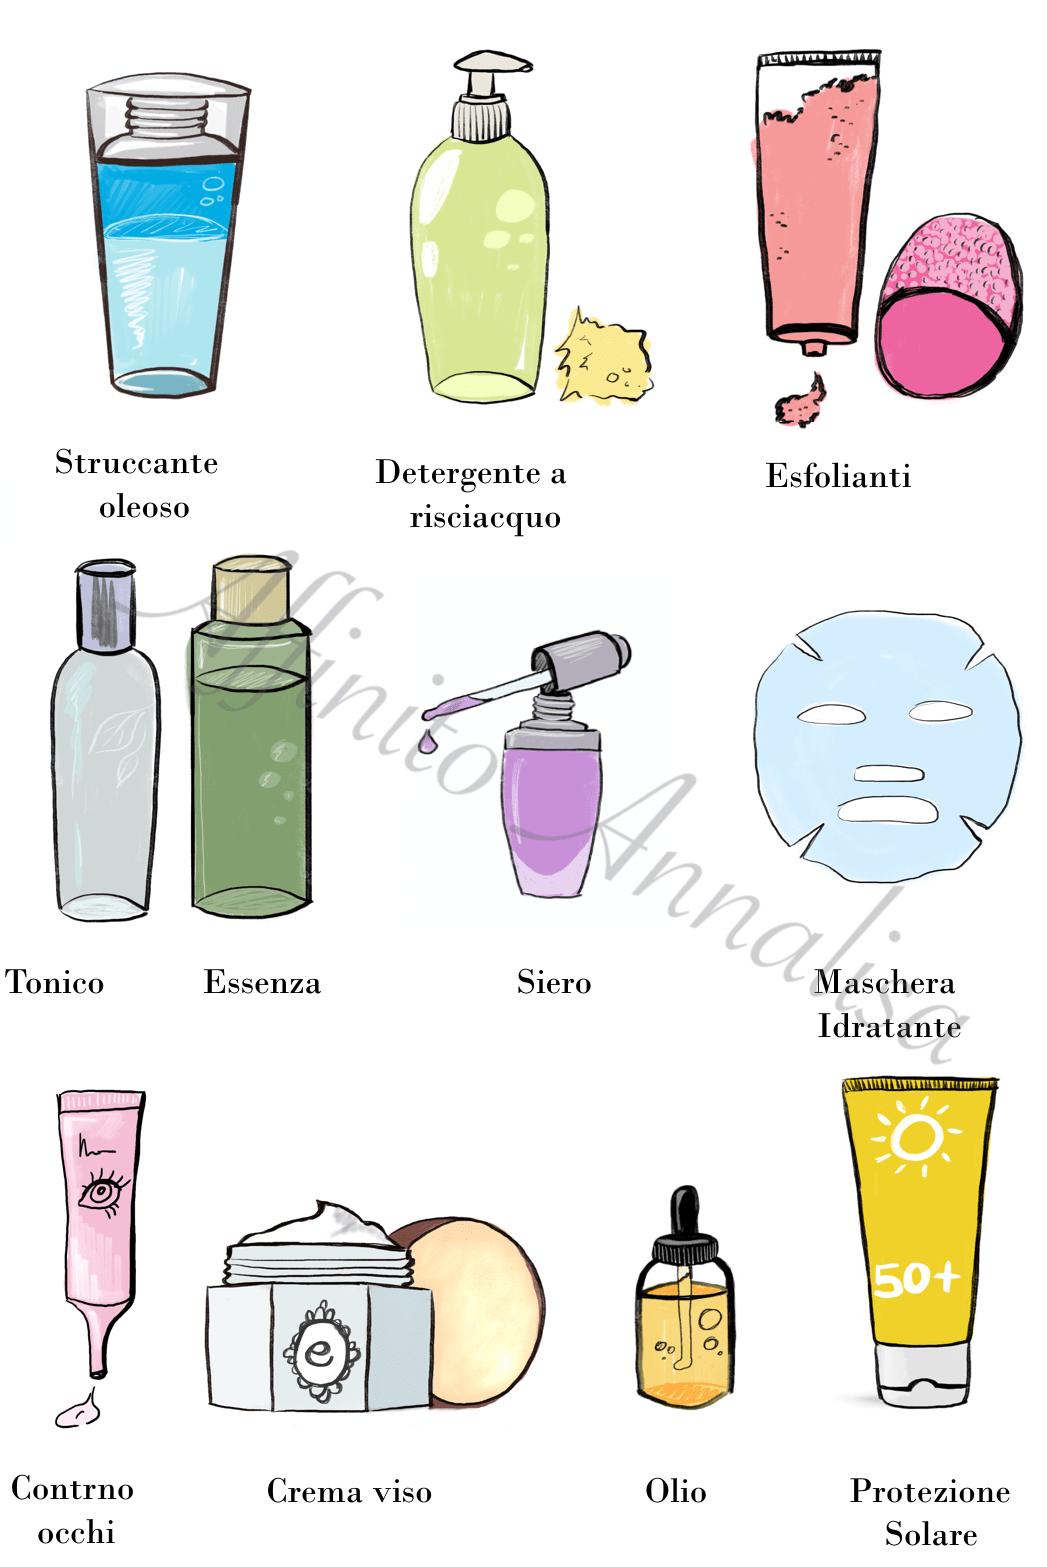 L'importanza della skin care